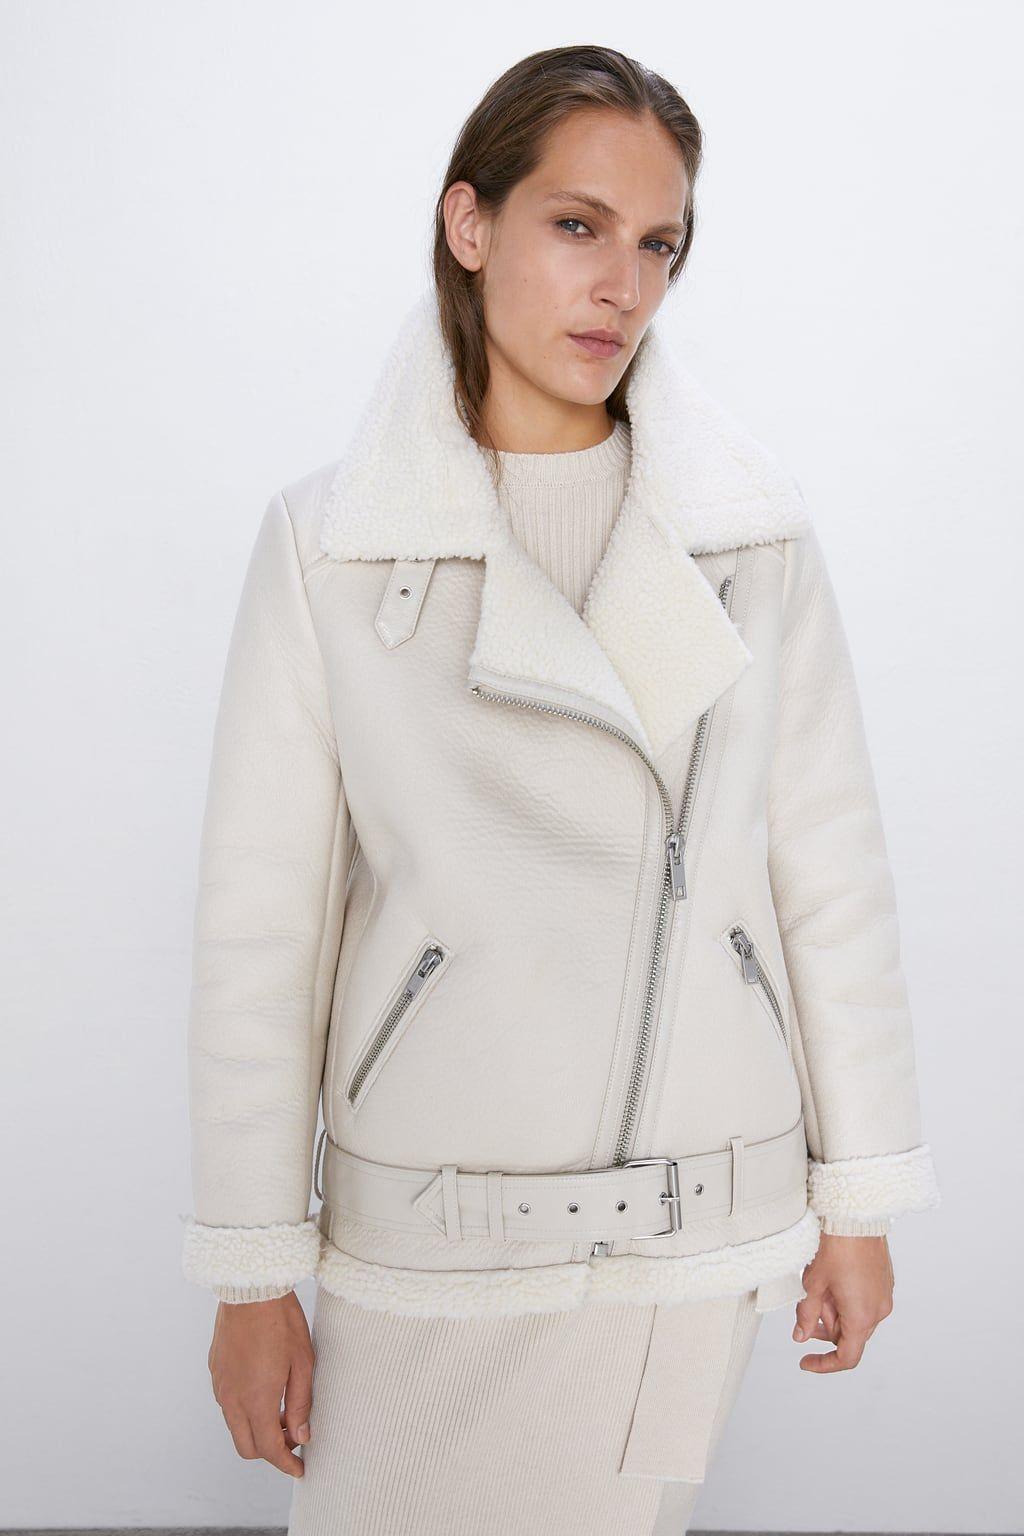 2019 Zara Vs Aliexpress Fall Winter Collection Inspo Zara Biker Jacket Jackets Biker Jacket [ 1536 x 1024 Pixel ]